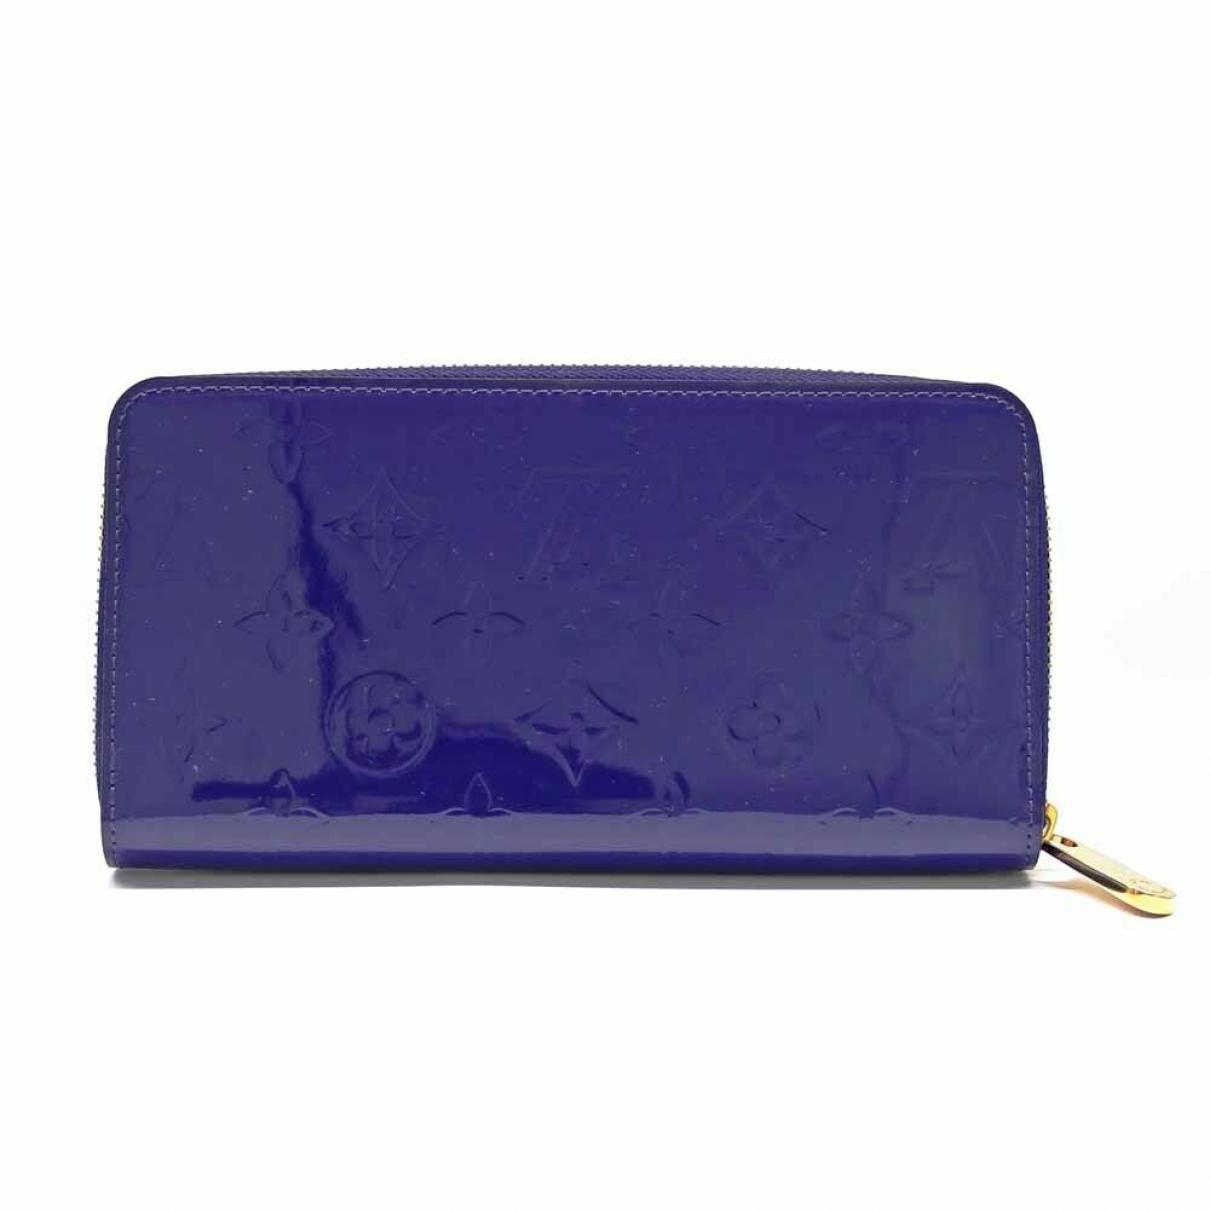 Louis Vuitton \N Kleinlederwaren in Lackleder